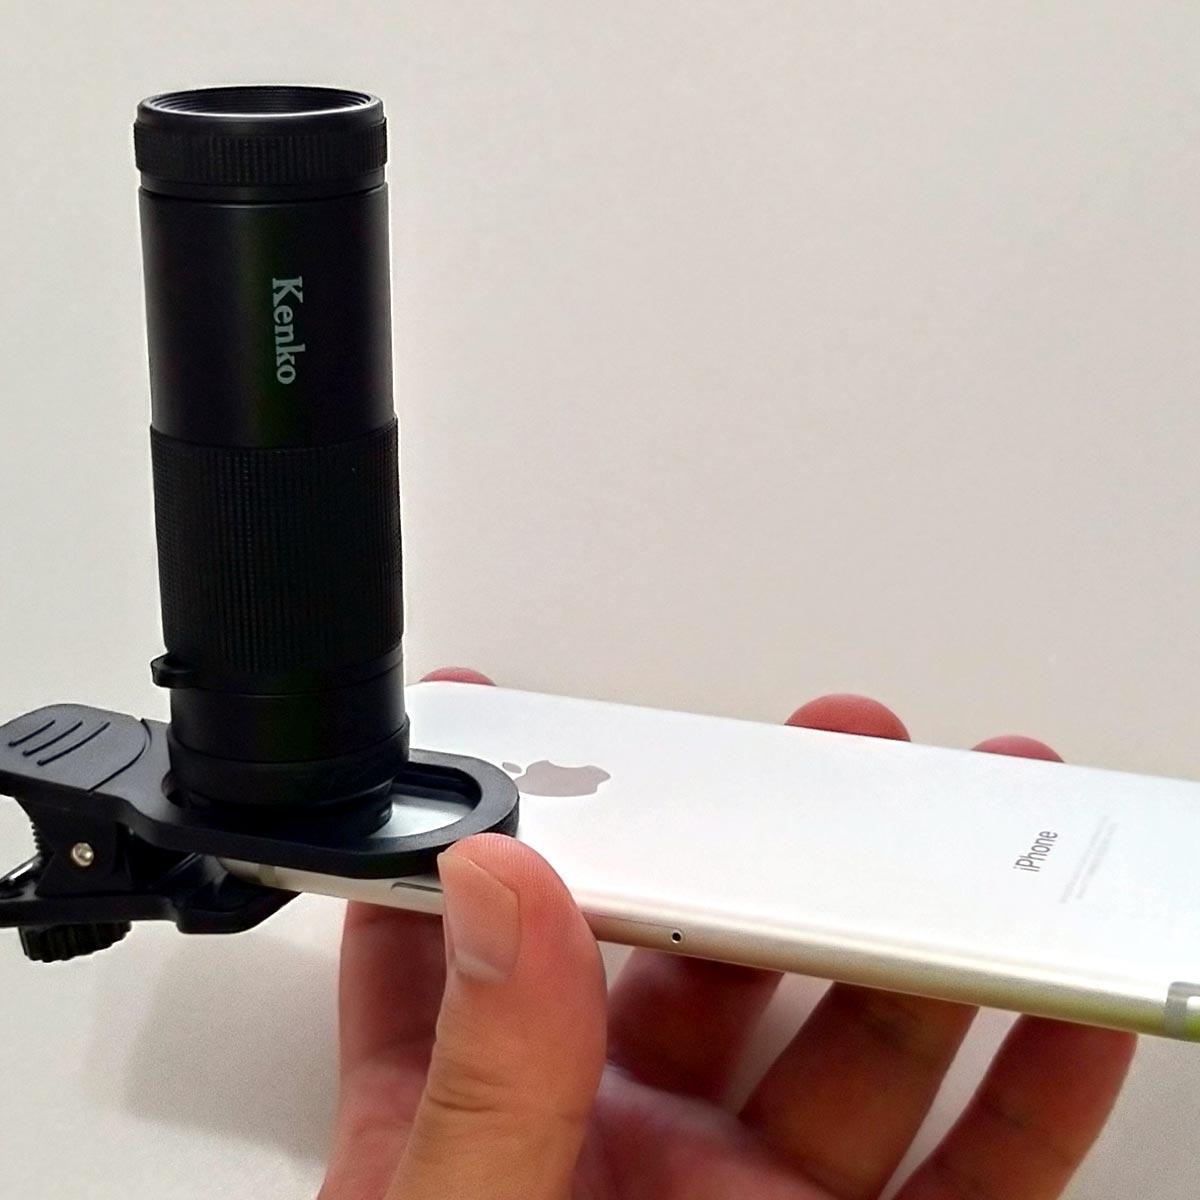 どんな写真が撮れる? スマートフォン用の「望遠8倍クリップレンズ」を試す